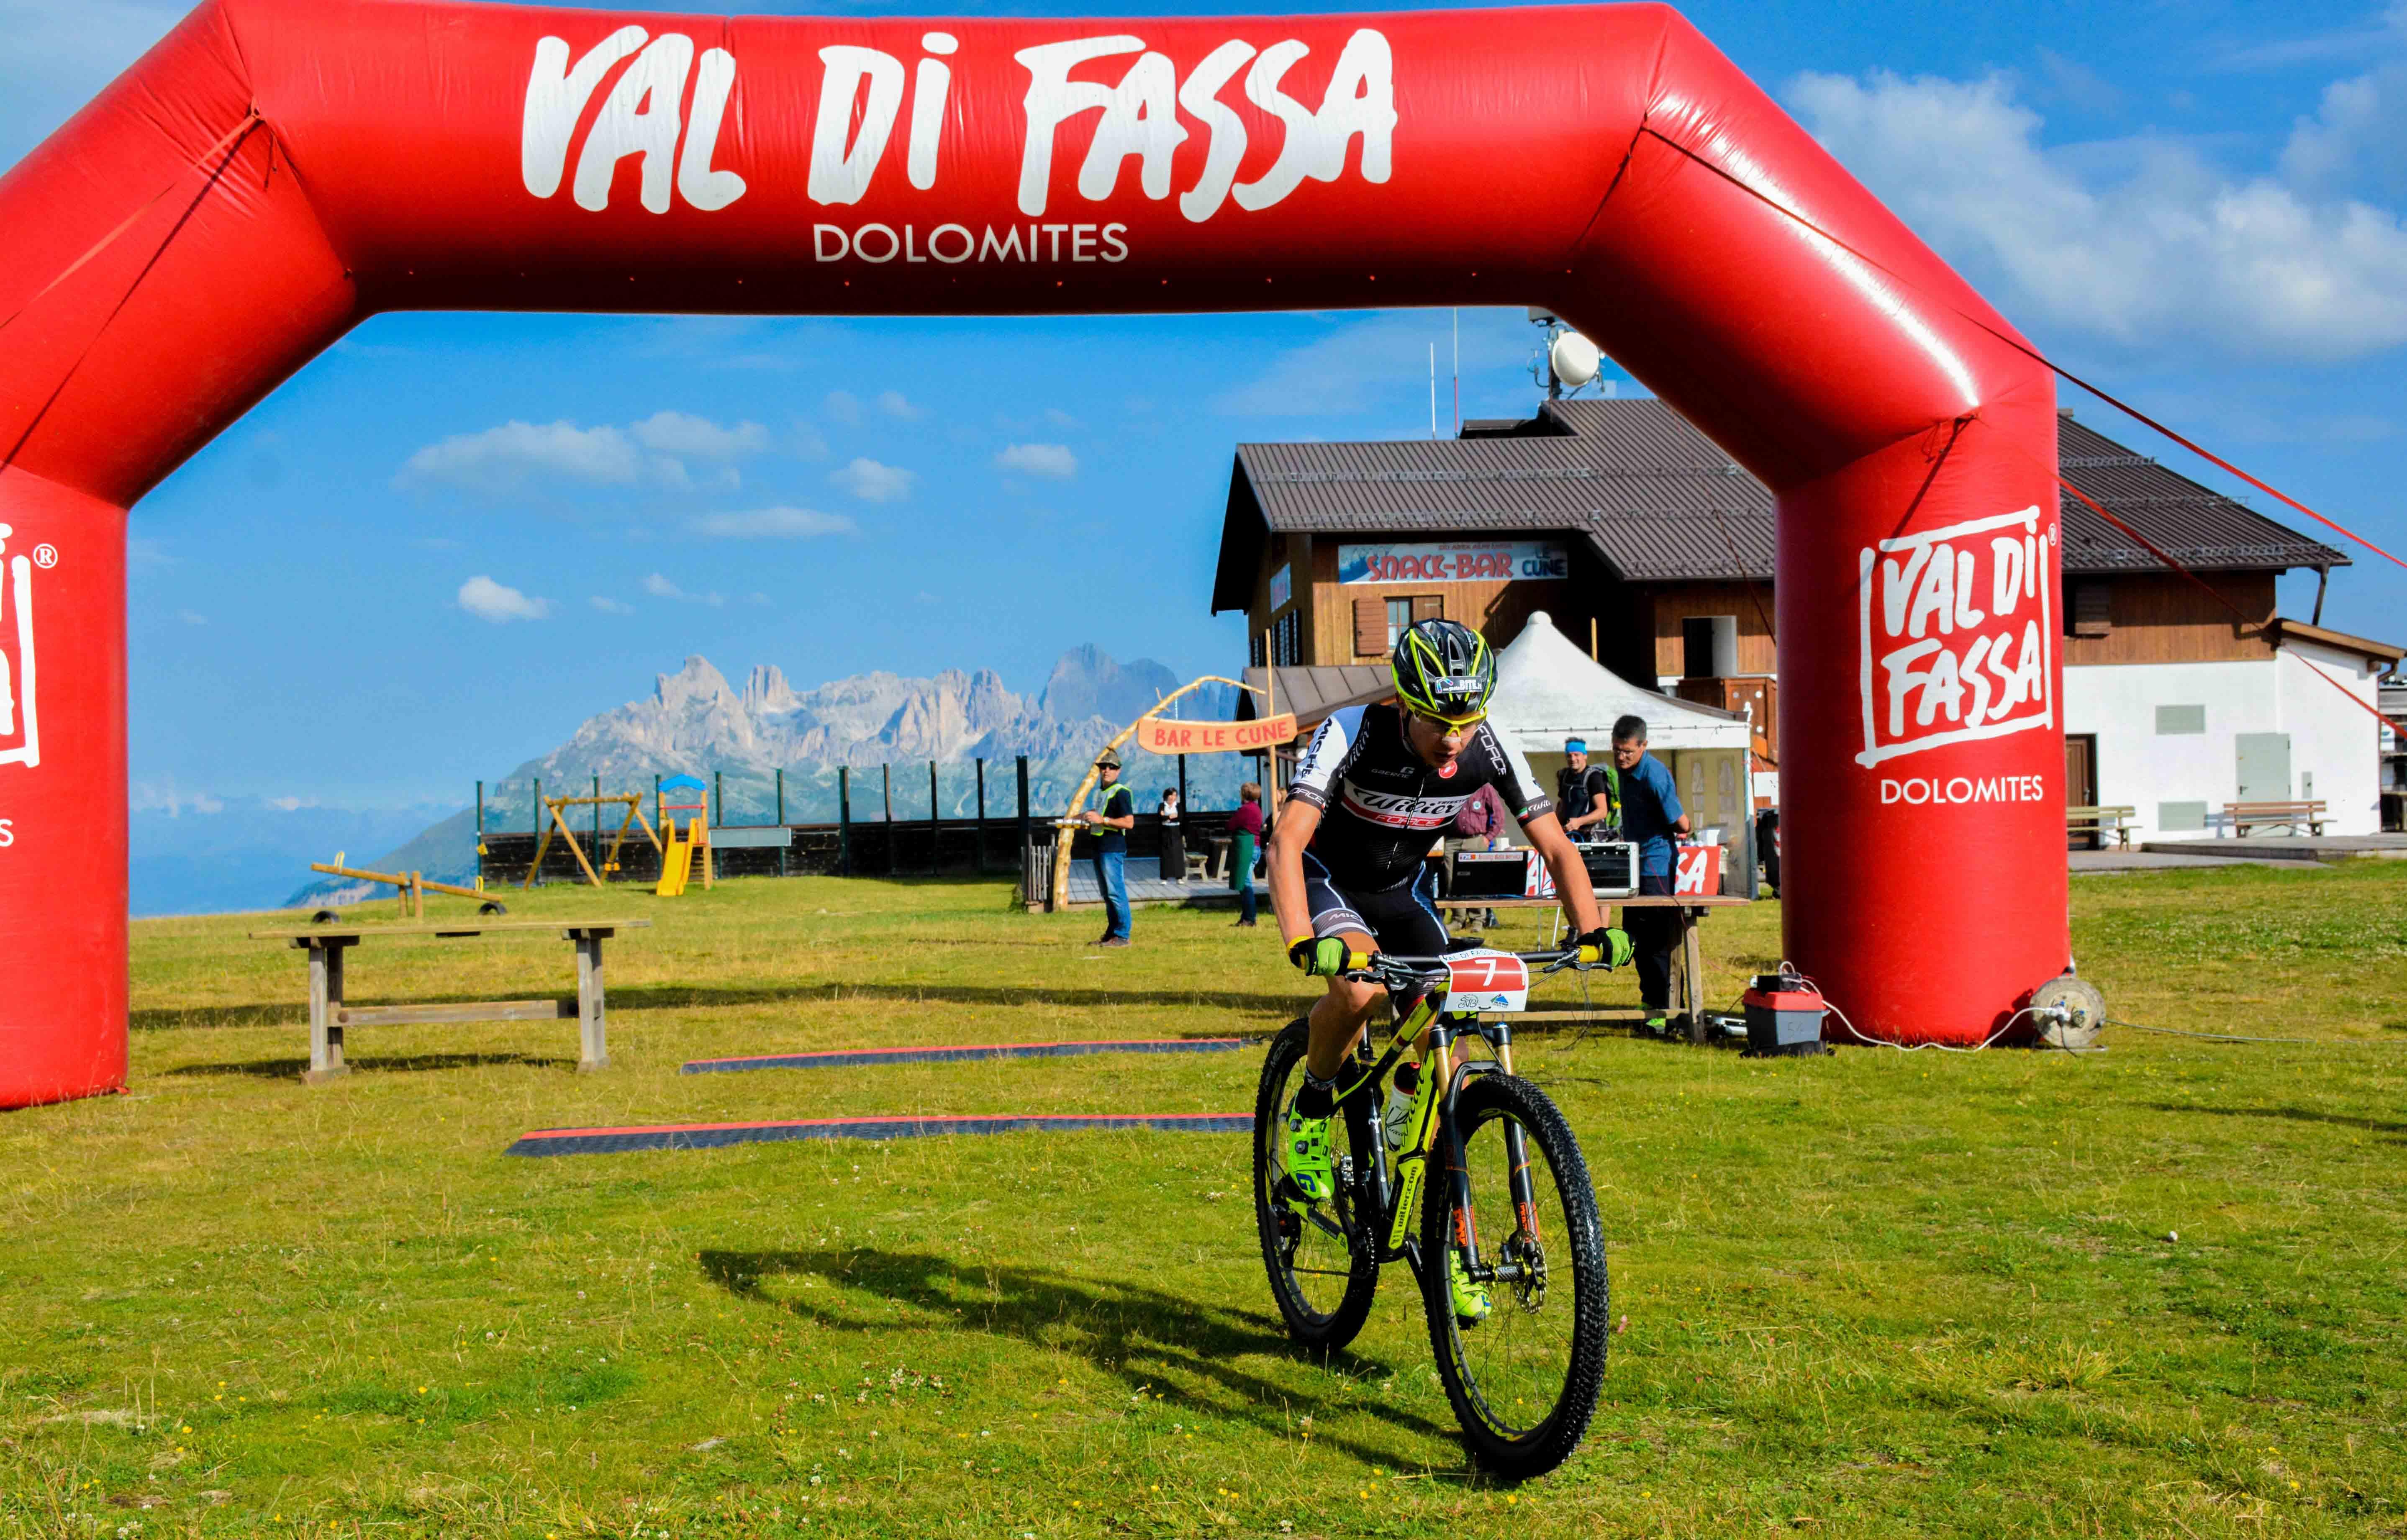 Un ricco parterre di campioni e tempo soleggiato per l'11° Val di Fassa Marathon